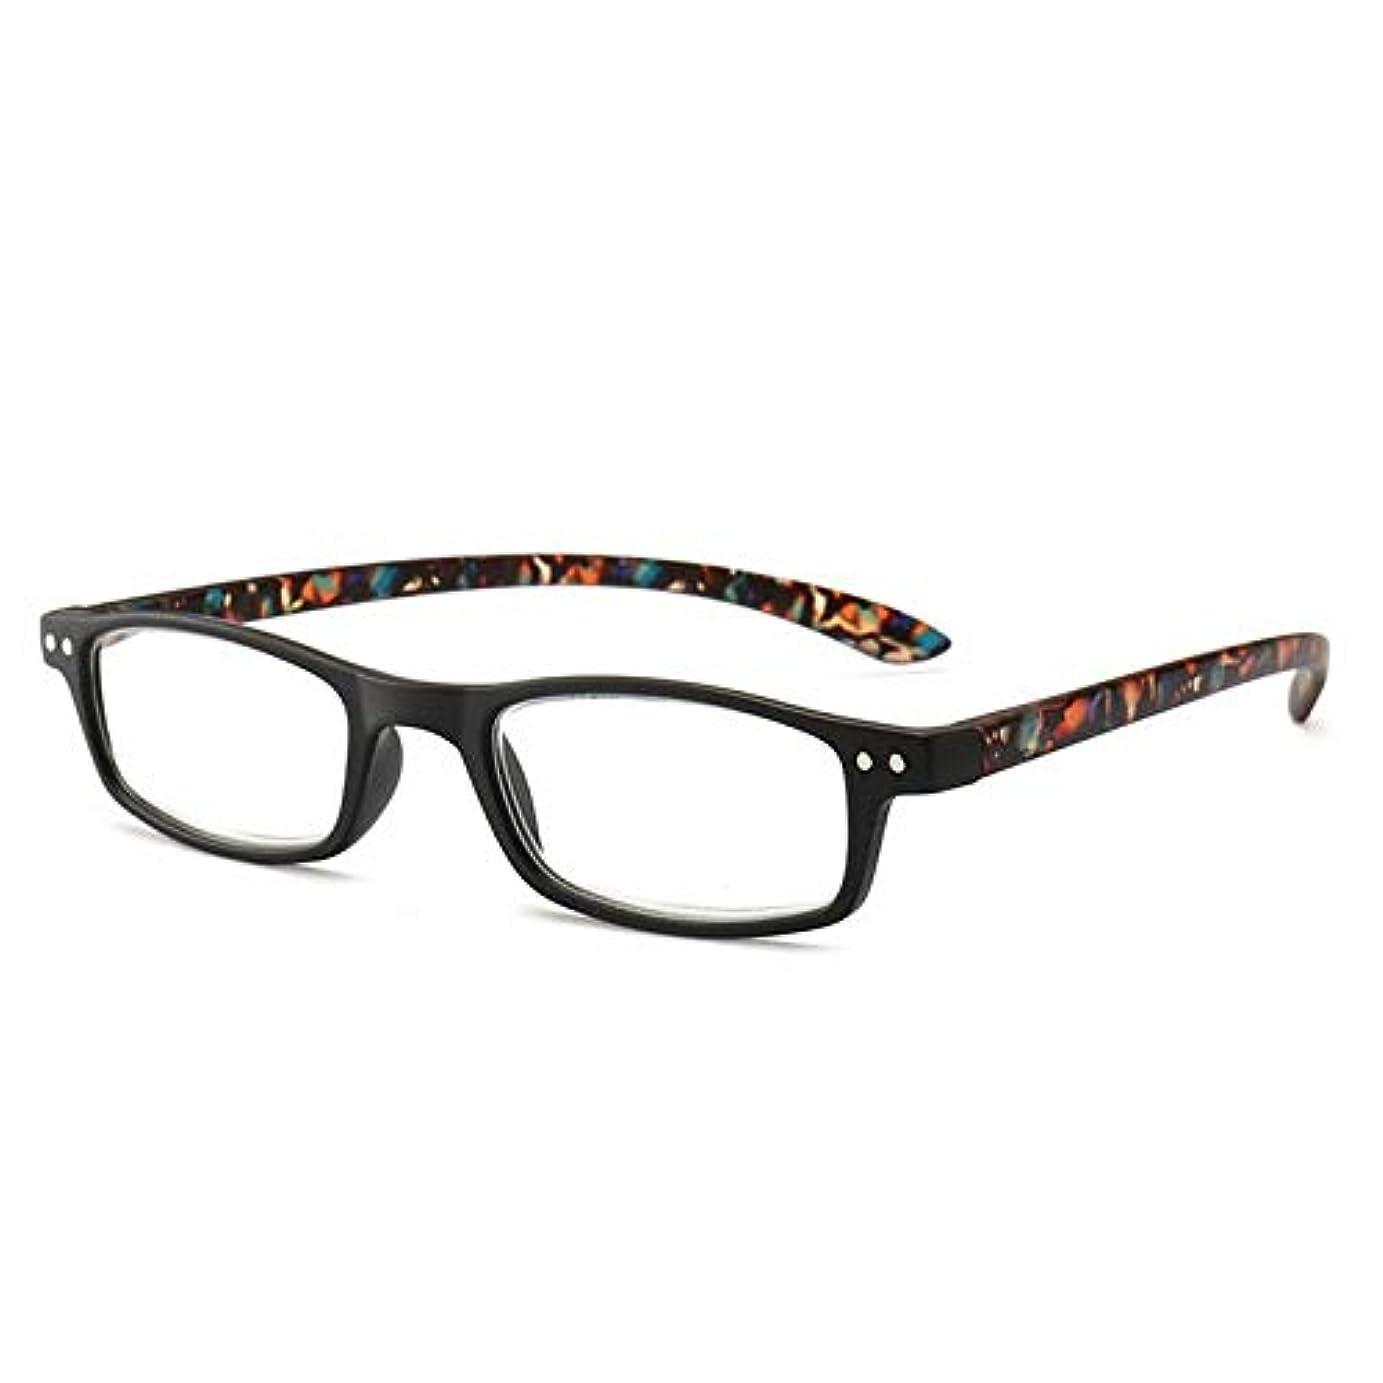 労苦教師の日スタッフT128老眼鏡視度+1.0?+4.0女性男性フルフレームラウンドレンズ老視メガネ超軽量抗疲労-ブラック400